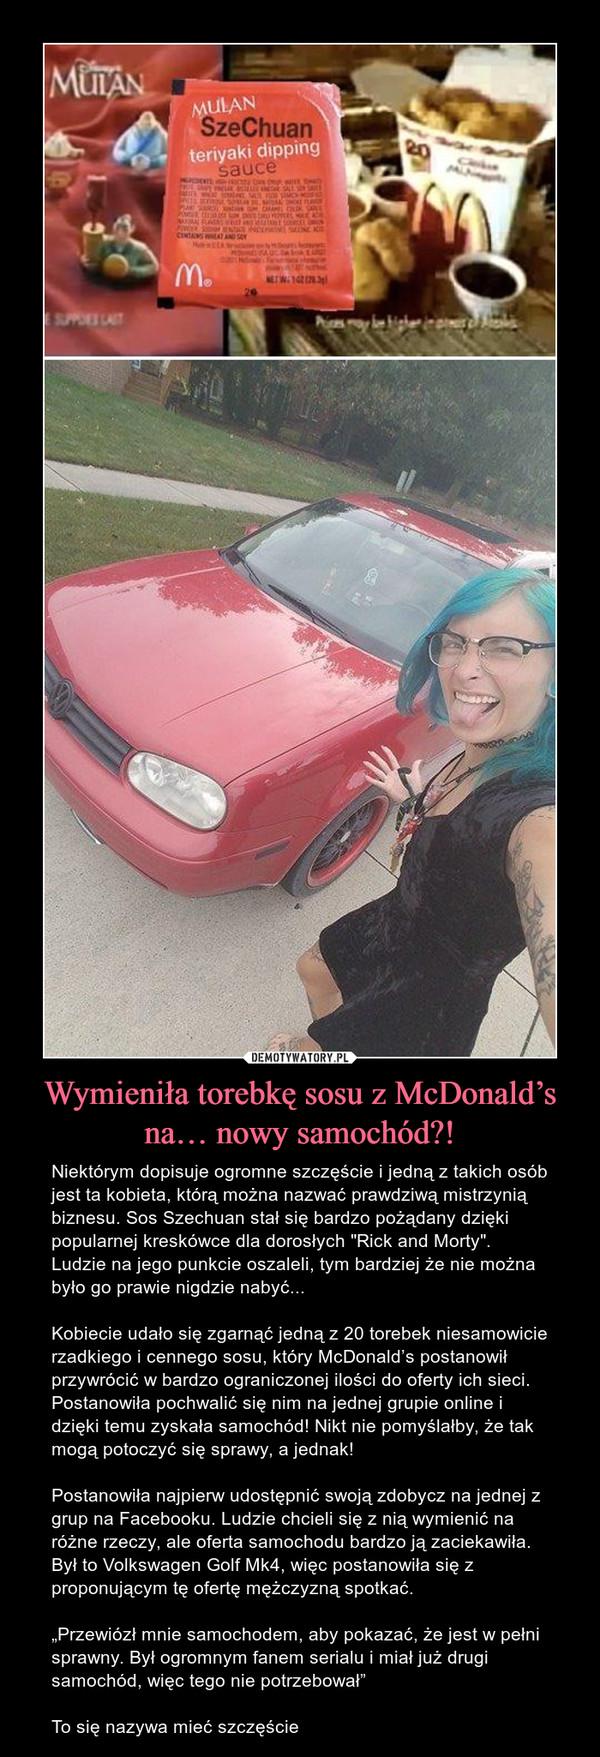 """Wymieniła torebkę sosu z McDonald's na… nowy samochód?! – Niektórym dopisuje ogromne szczęście i jedną z takich osób jest ta kobieta, którą można nazwać prawdziwą mistrzynią biznesu. Sos Szechuan stał się bardzo pożądany dzięki popularnej kreskówce dla dorosłych """"Rick and Morty"""". Ludzie na jego punkcie oszaleli, tym bardziej że nie można było go prawie nigdzie nabyć...Kobiecie udało się zgarnąć jedną z 20 torebek niesamowicie rzadkiego i cennego sosu, który McDonald's postanowił przywrócić w bardzo ograniczonej ilości do oferty ich sieci. Postanowiła pochwalić się nim na jednej grupie online i dzięki temu zyskała samochód! Nikt nie pomyślałby, że tak mogą potoczyć się sprawy, a jednak!Postanowiła najpierw udostępnić swoją zdobycz na jednej z grup na Facebooku. Ludzie chcieli się z nią wymienić na różne rzeczy, ale oferta samochodu bardzo ją zaciekawiła. Był to Volkswagen Golf Mk4, więc postanowiła się z proponującym tę ofertę mężczyzną spotkać. """"Przewiózł mnie samochodem, aby pokazać, że jest w pełni sprawny. Był ogromnym fanem serialu i miał już drugi samochód, więc tego nie potrzebował""""To się nazywa mieć szczęście"""